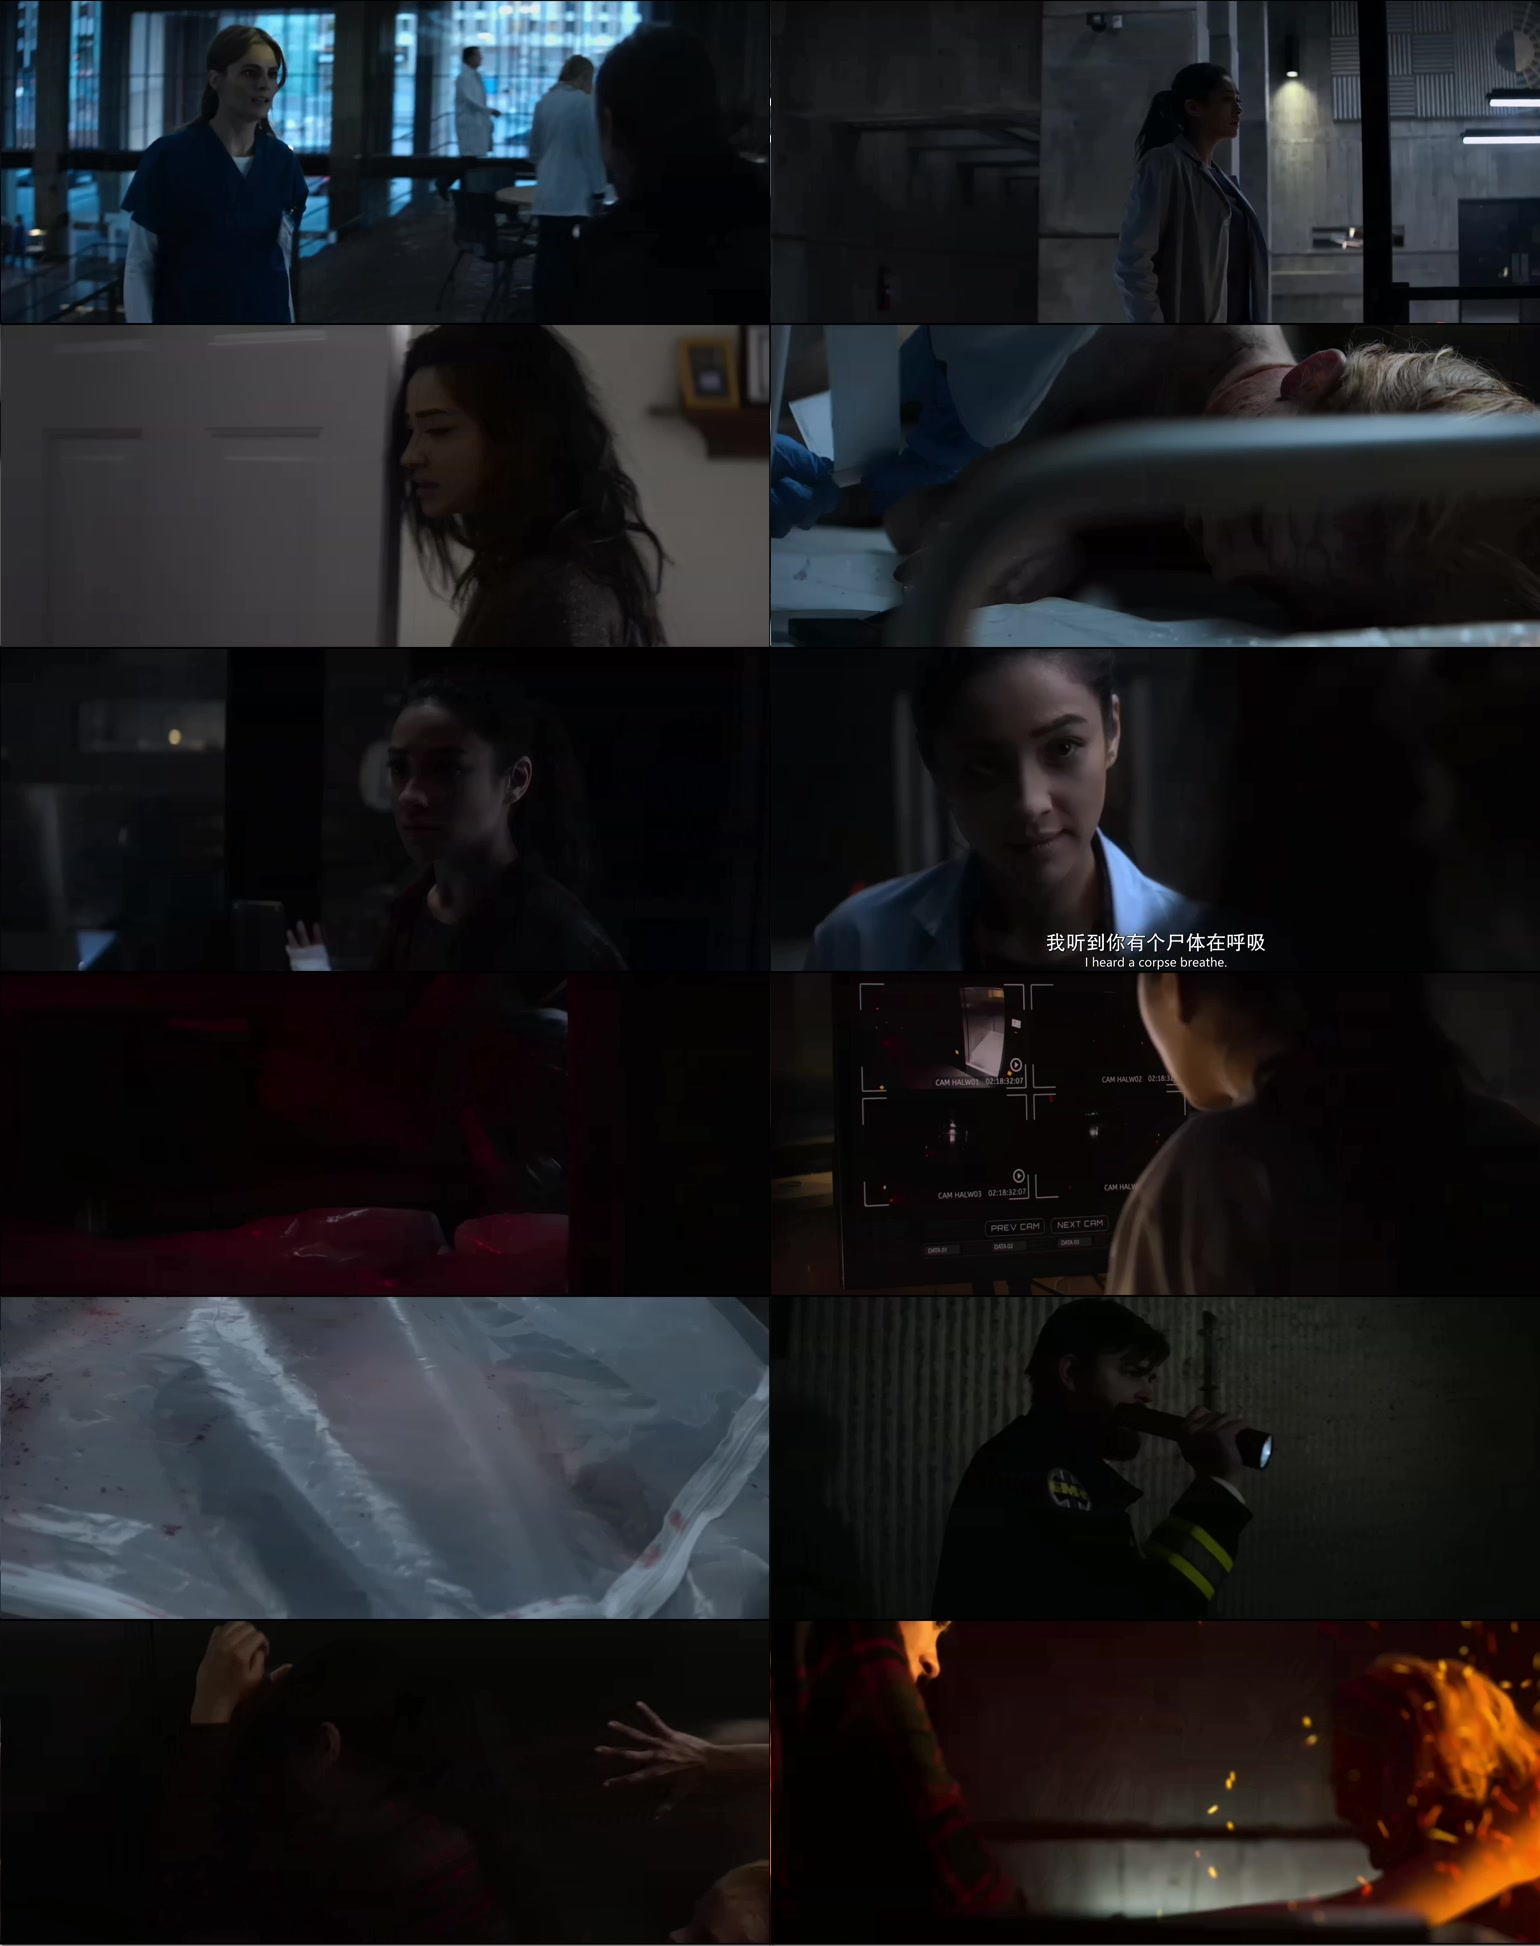 這邊是[美] 漢娜格蕾絲的著魔/惡靈屍控.2018.HD-1080p[MKV@1G@簡英]圖片的自定義alt信息;546739,727593,haokuku,52